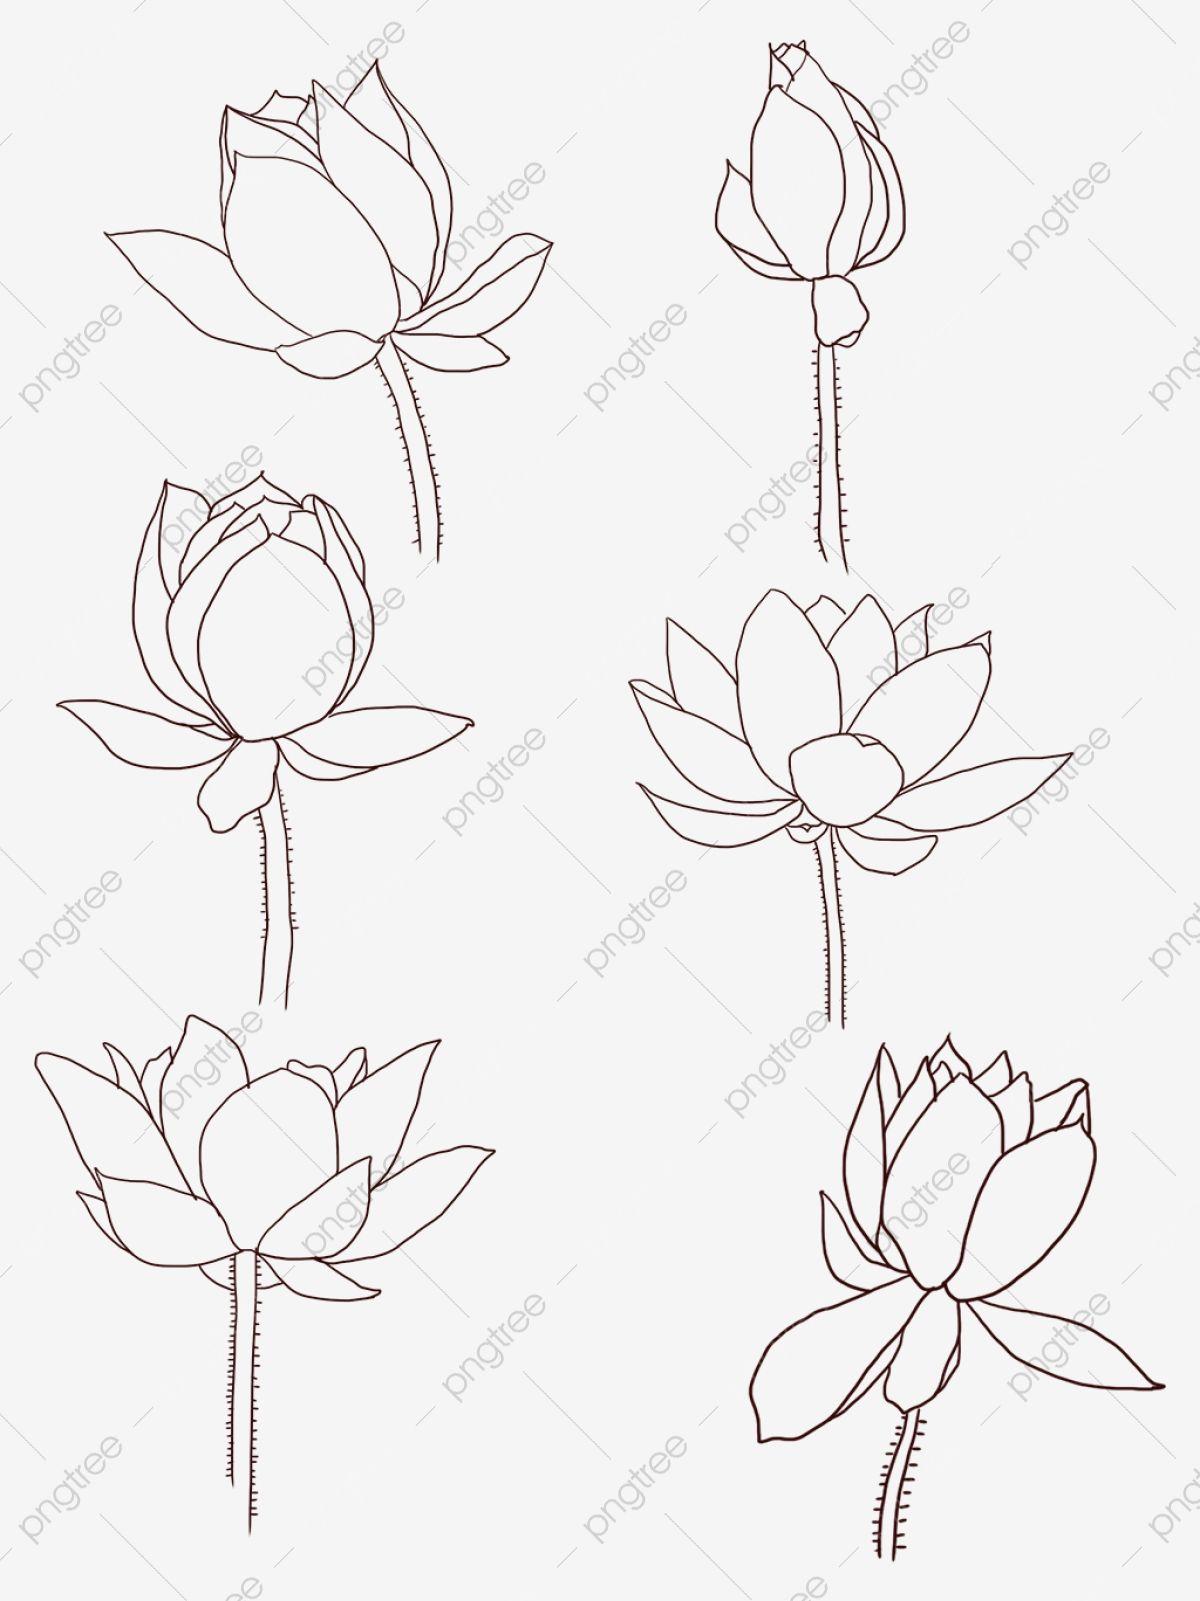 Bunga Lukisan Tangan Bunga Jane Bunga Bunga Garis Mudah Ditarik Fail Png Dan Psd Untuk Muat Turun Percuma Flower Drawing Lotus Drawing Lotus Flower Drawing